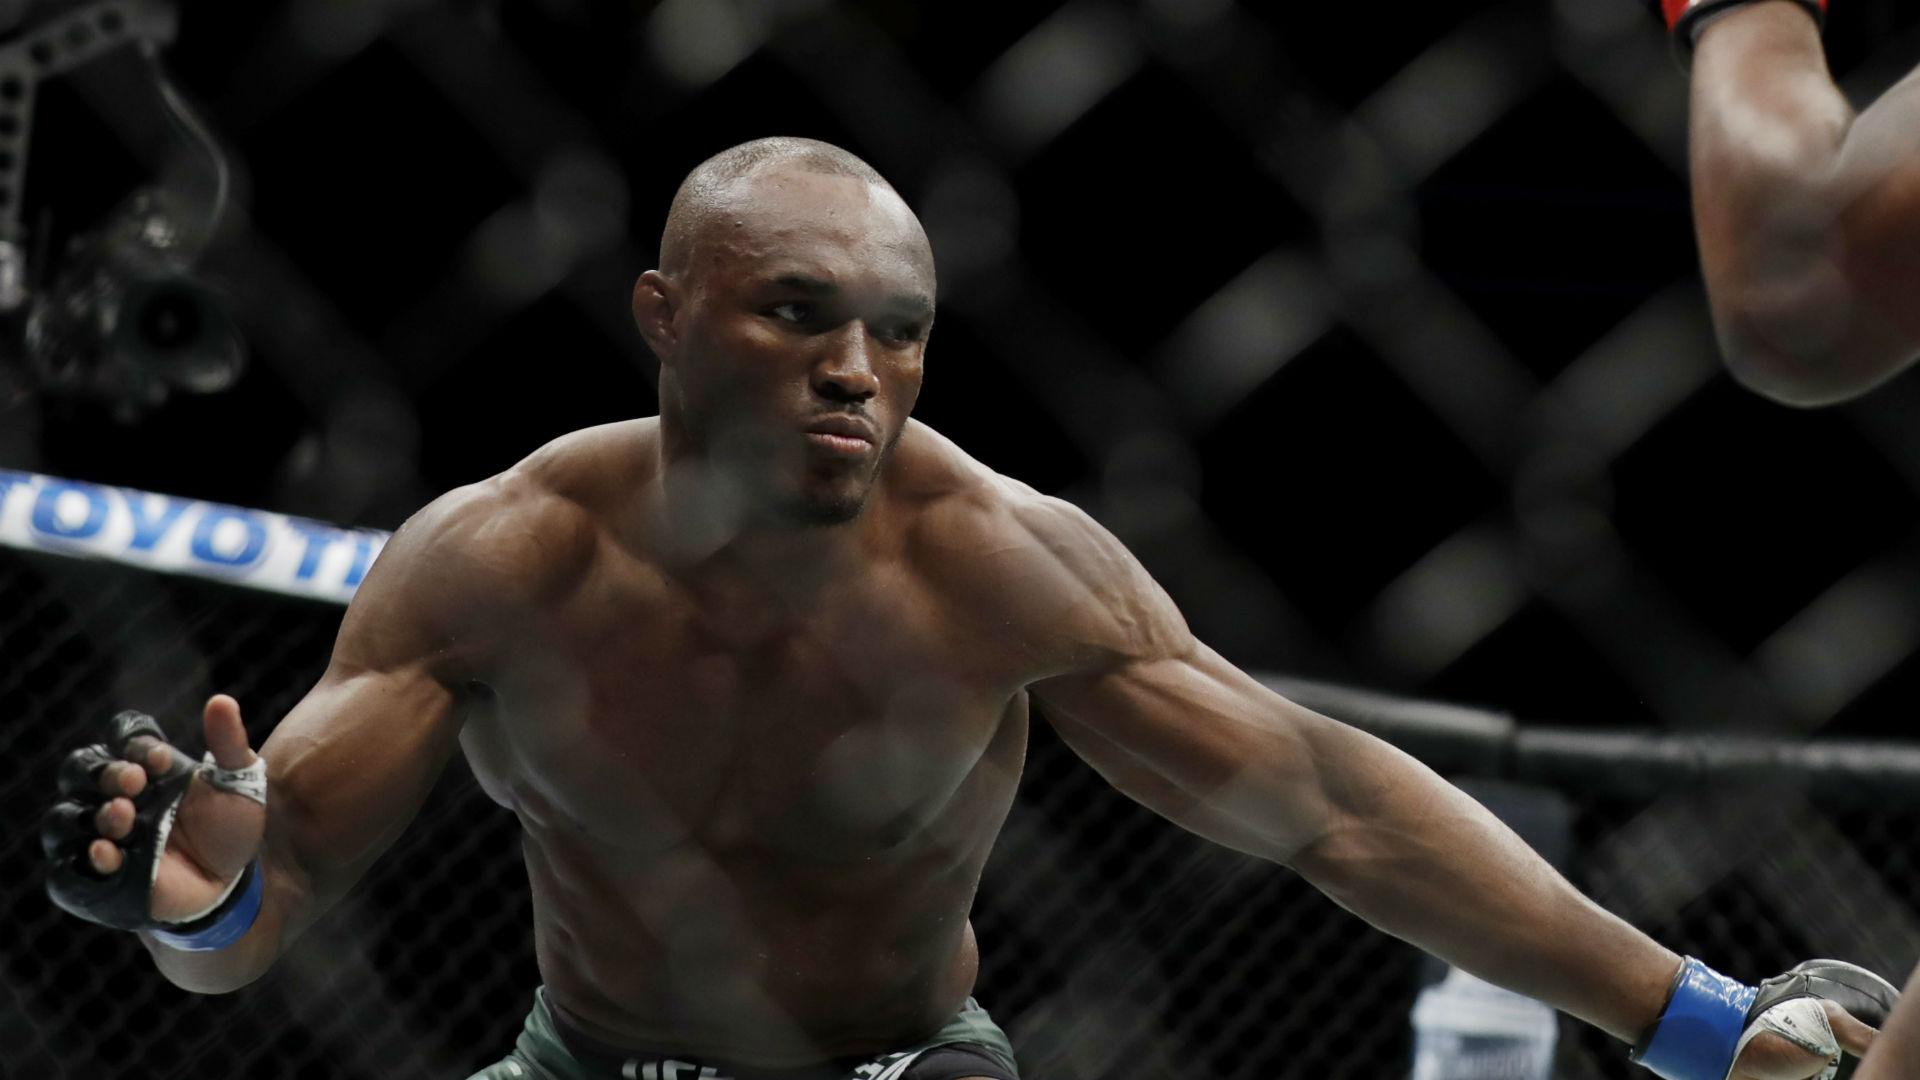 Kamaru Usman ready to humble 'studio gangster' Colby Covington and end his MAGA gimmick at UFC 245